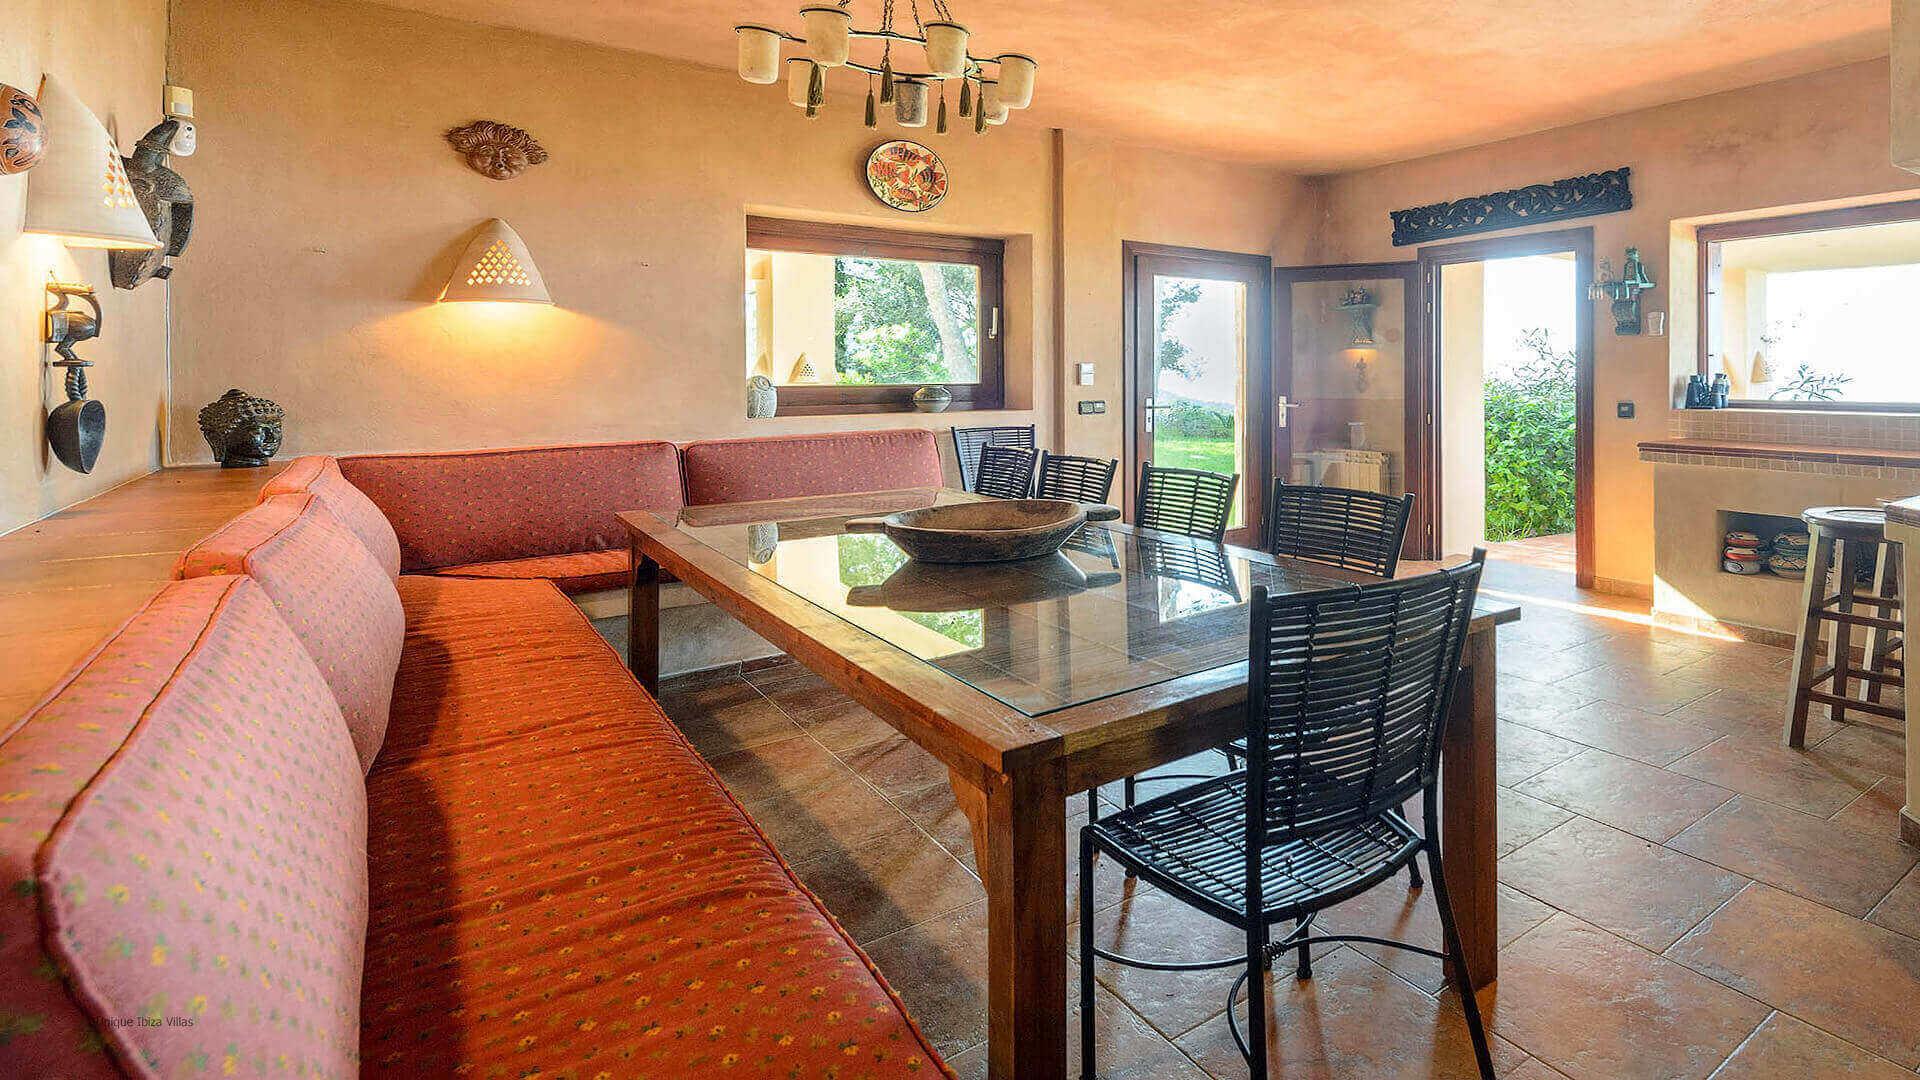 Villa Sa Boca Ibiza 19 Near Cala Bassa